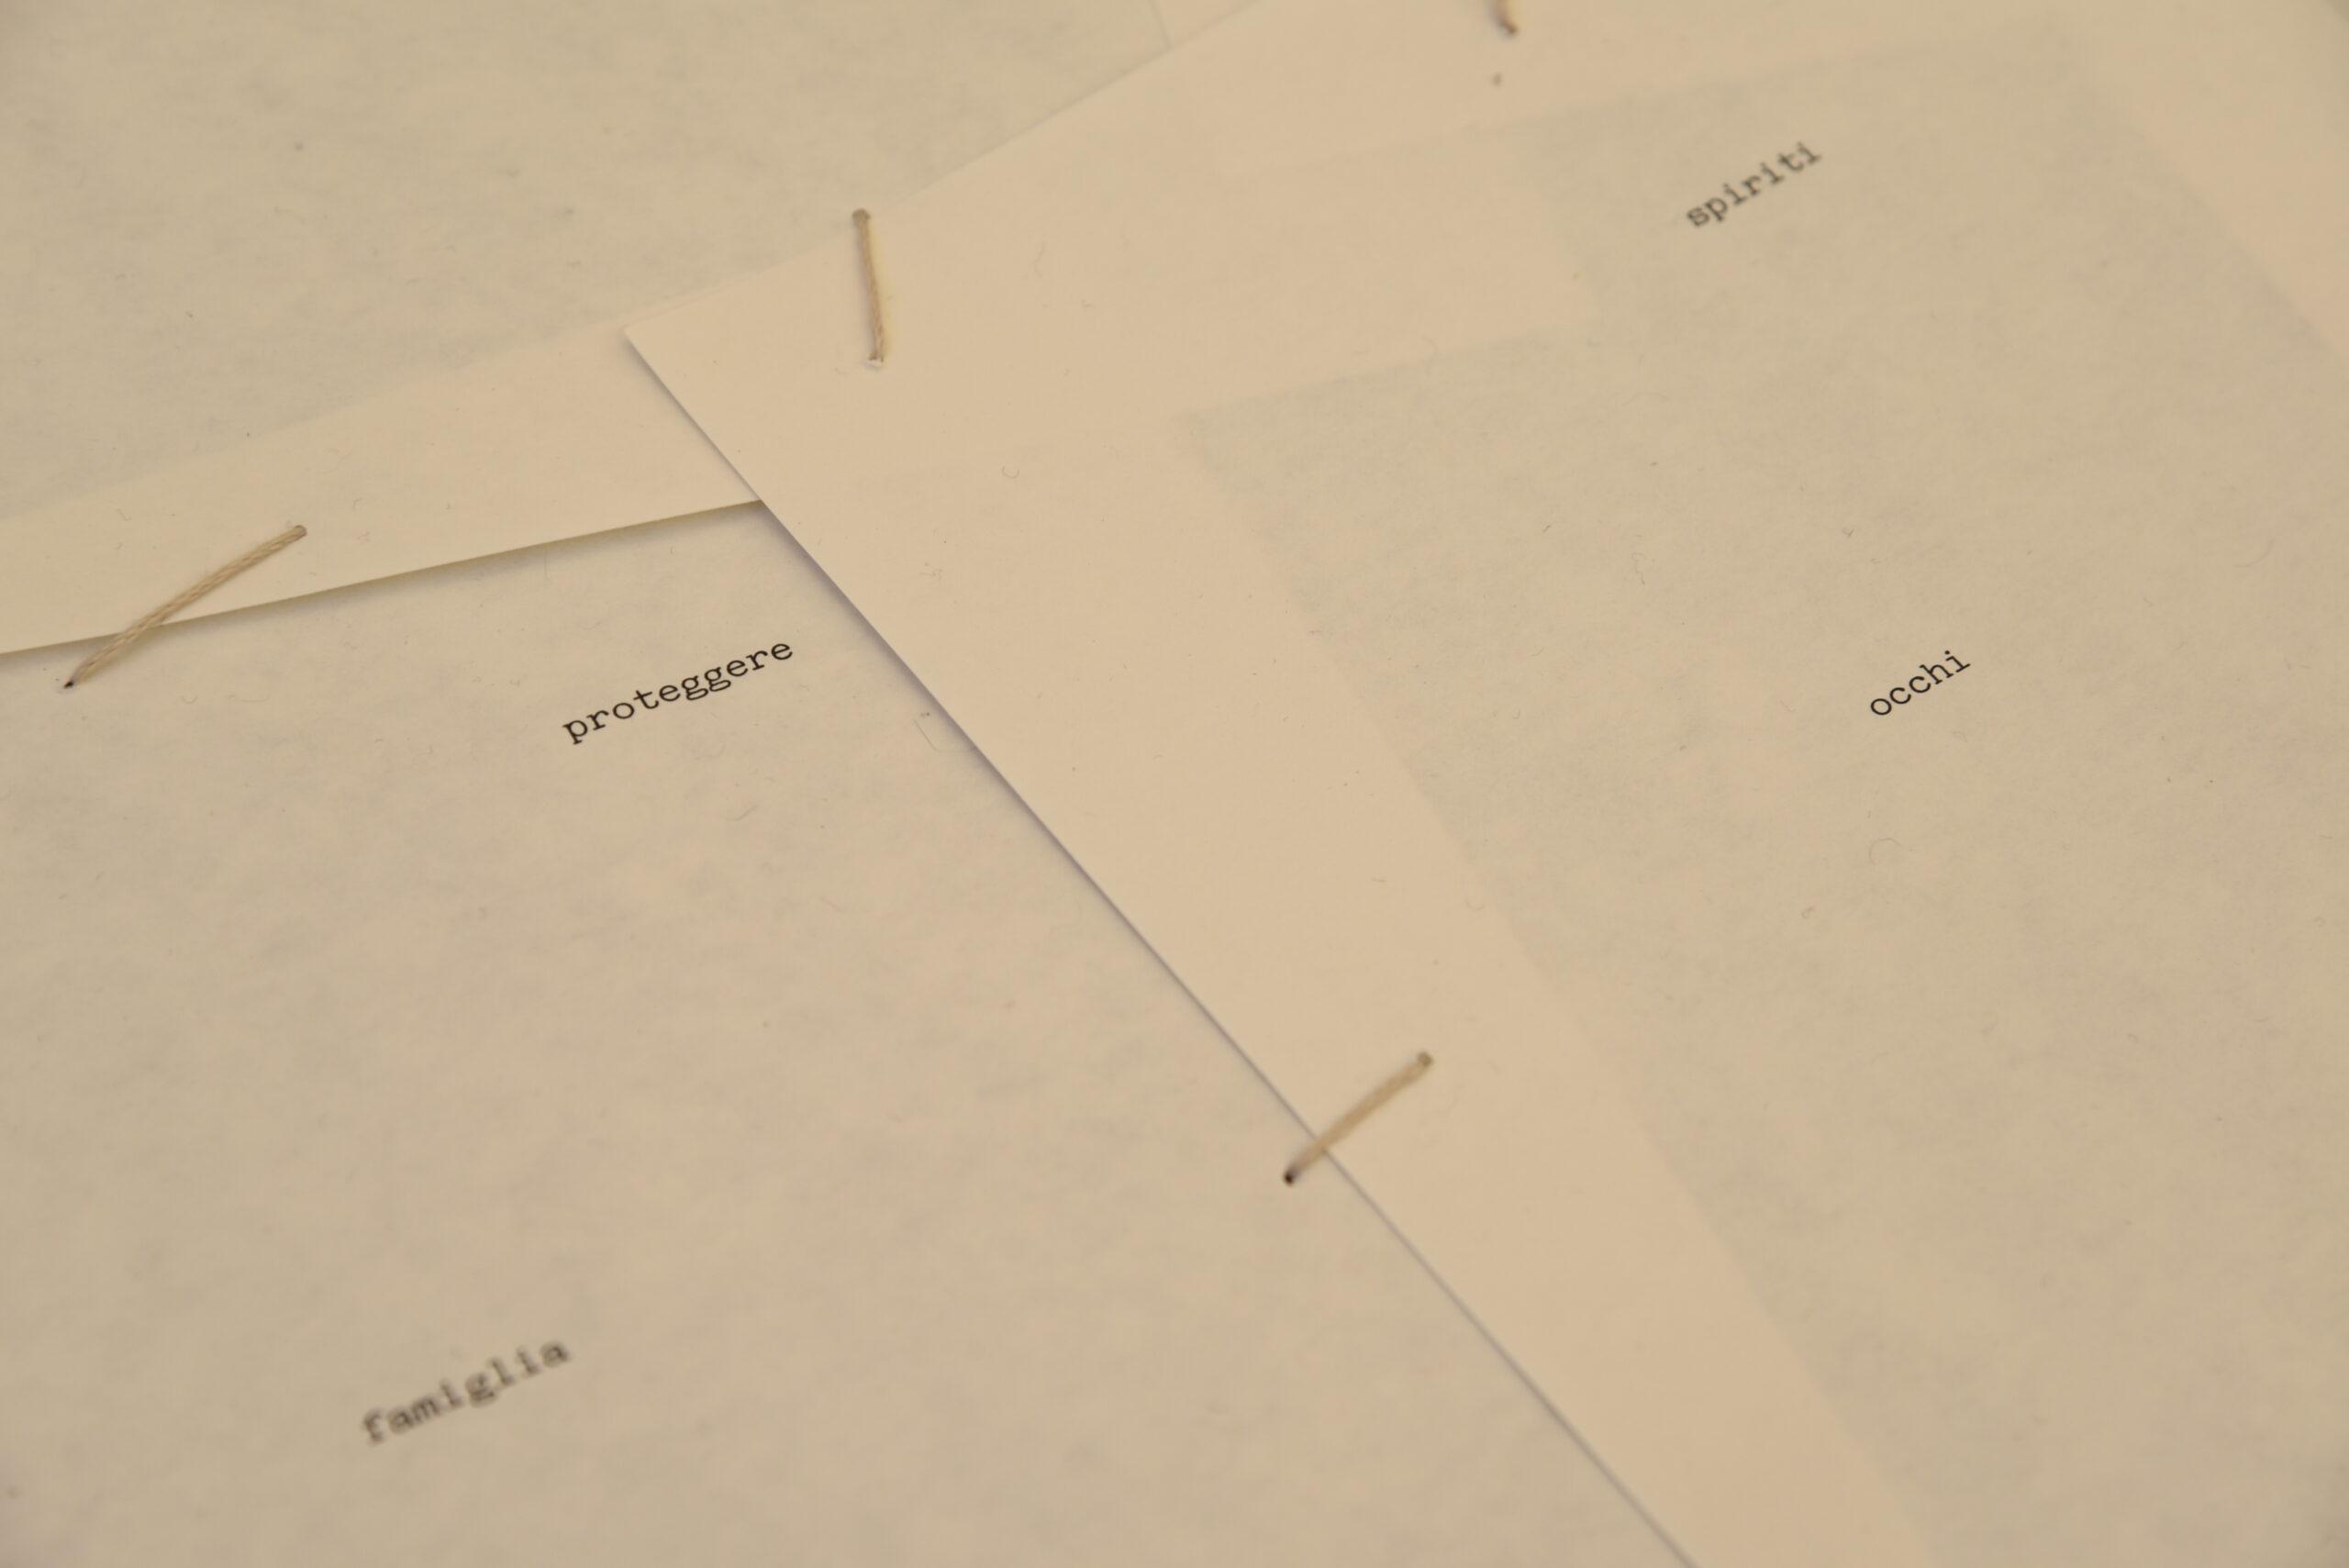 Clara gravagna - installazione - carta, filo, parole